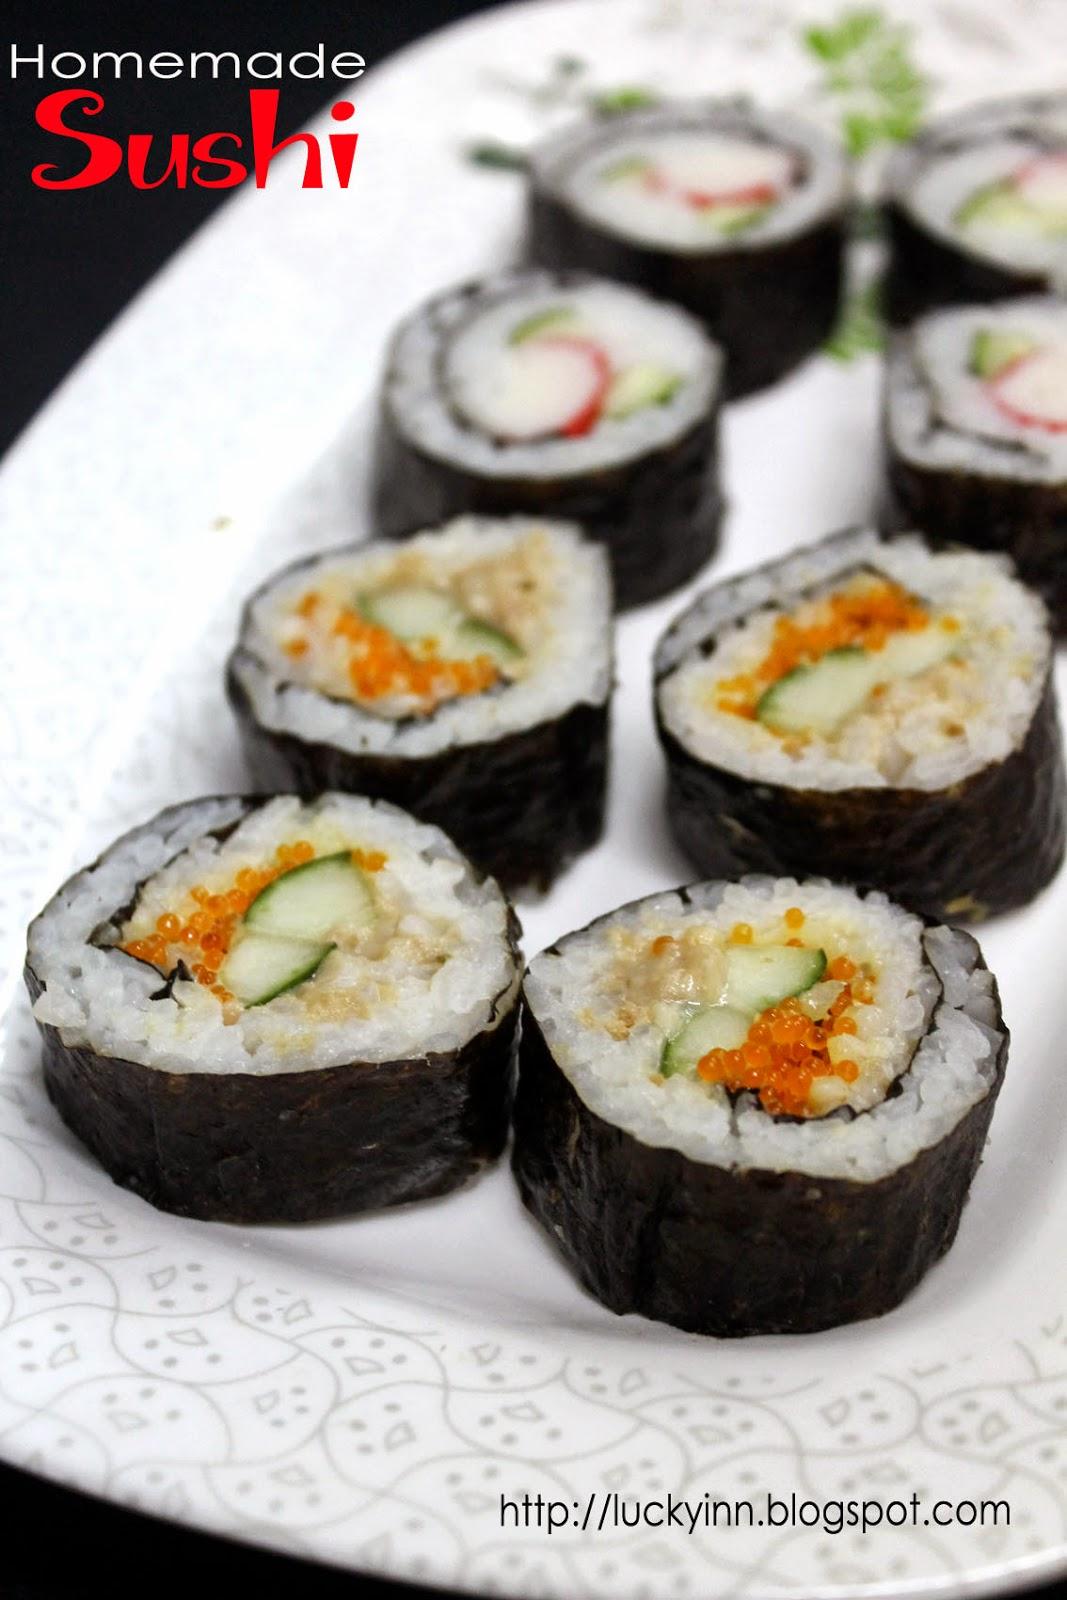 每次看到小朋友的饭盒里装着爱心寿司,我就会很 ...